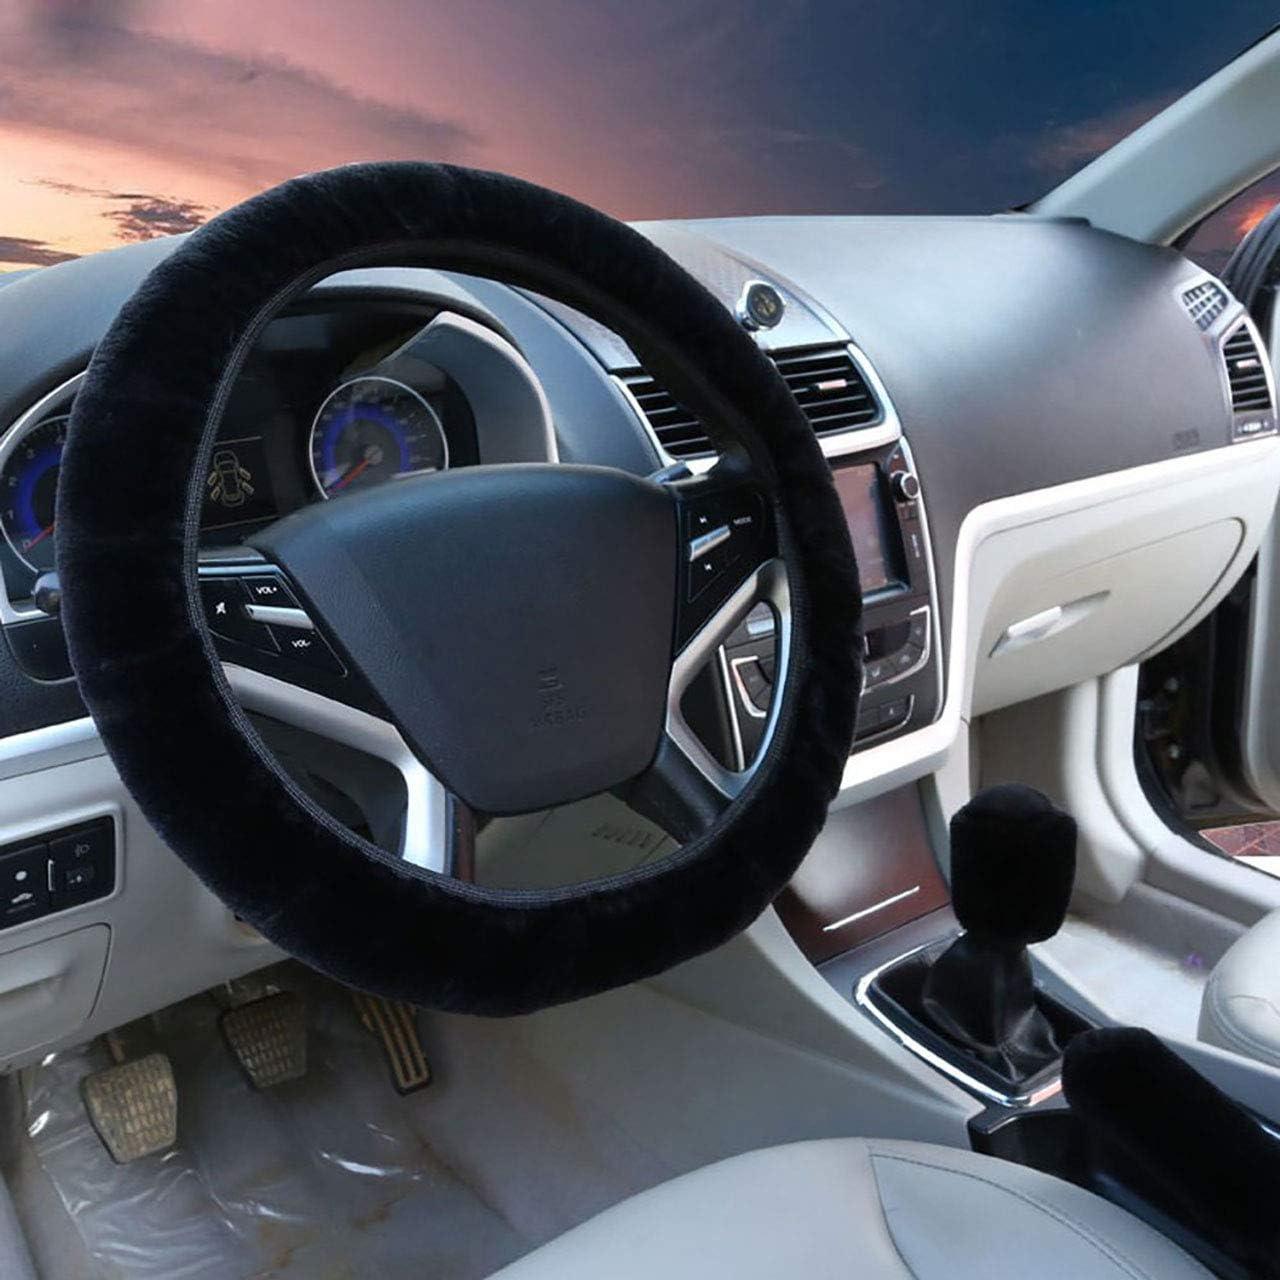 Lhiver Laine artificielle Couverture de volant de voiture Couverture de frein /à main Ensemble de vitesse Int/érieur de voiture